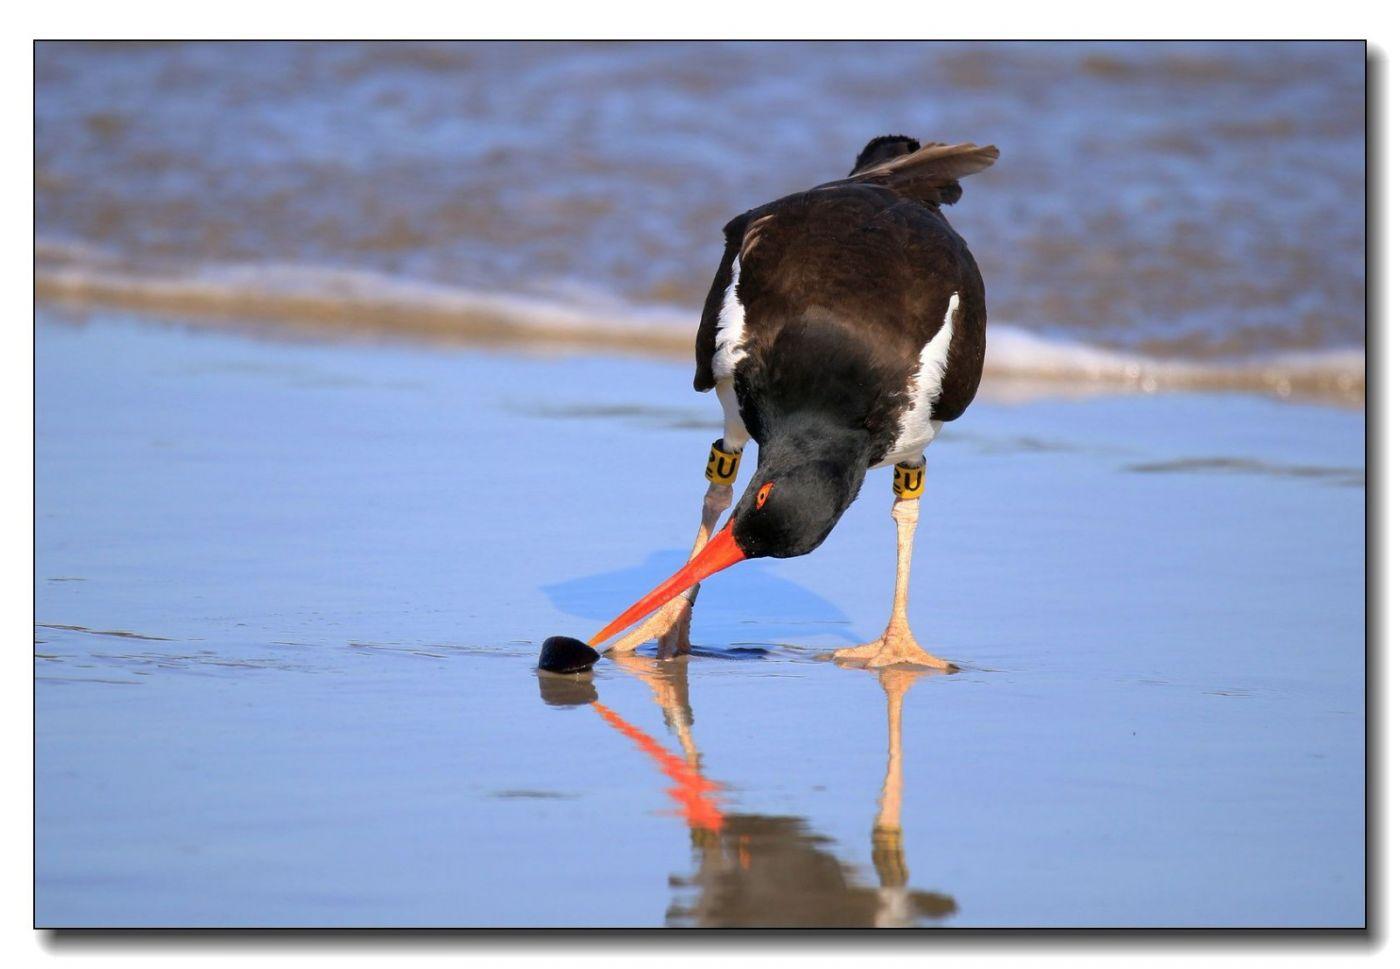 洛克威海滩拍鸟—励鹬_图1-15